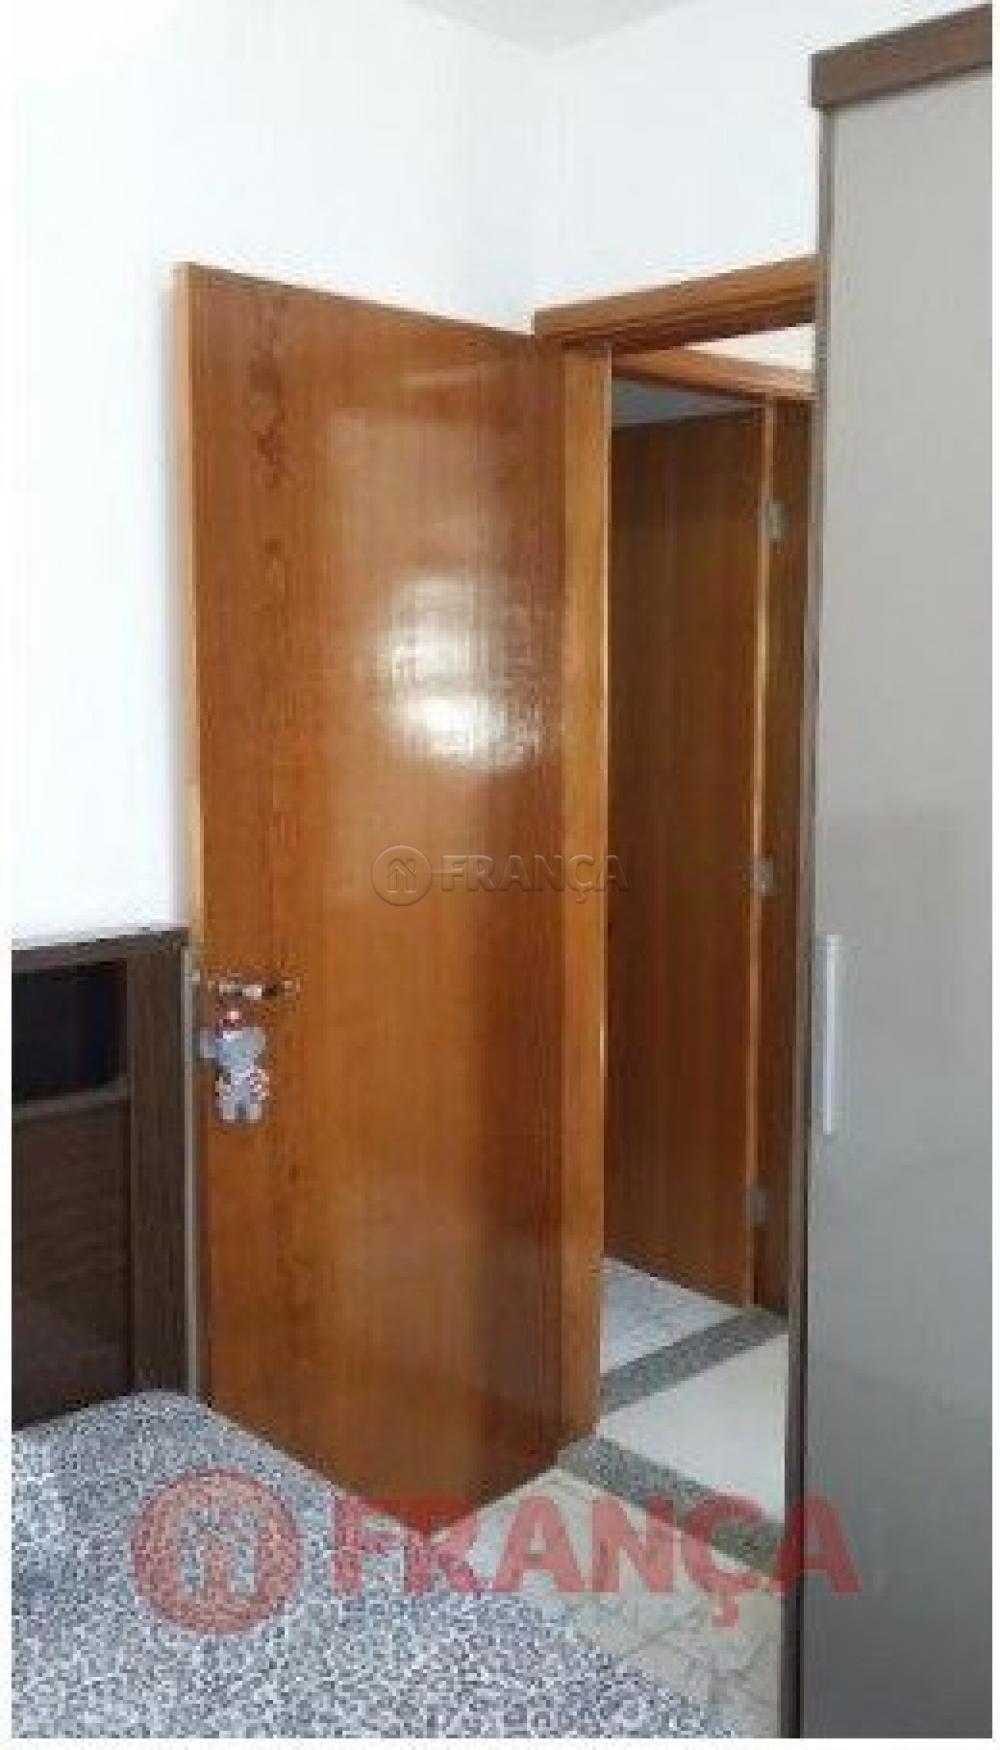 Comprar Apartamento / Padrão em Jacareí R$ 180.000,00 - Foto 7